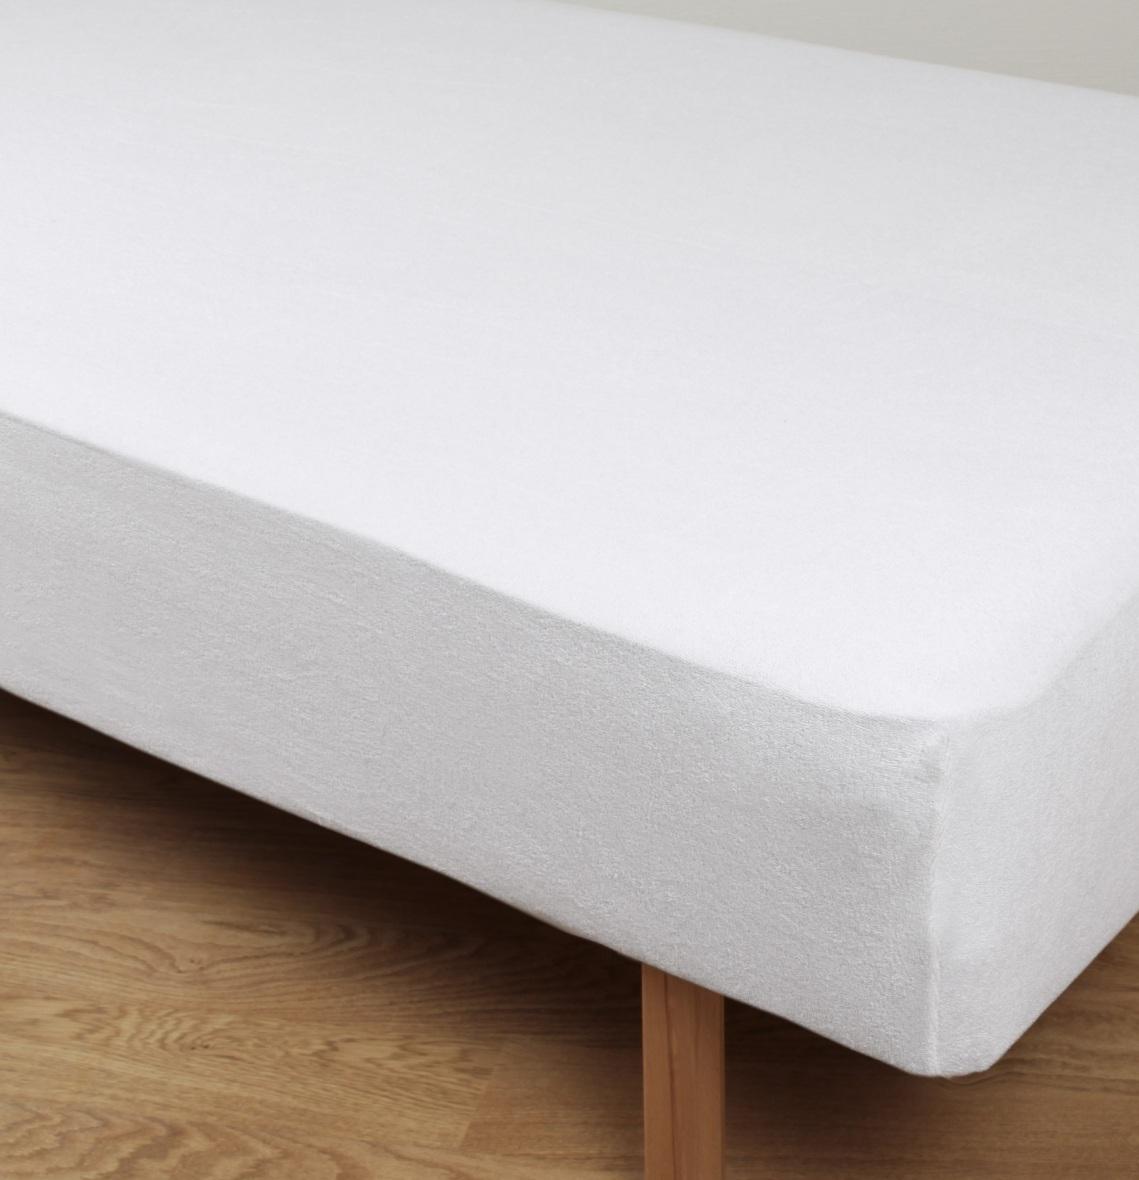 Sängklädsel 90 x 200 cm frotté Värnamo of Sweden